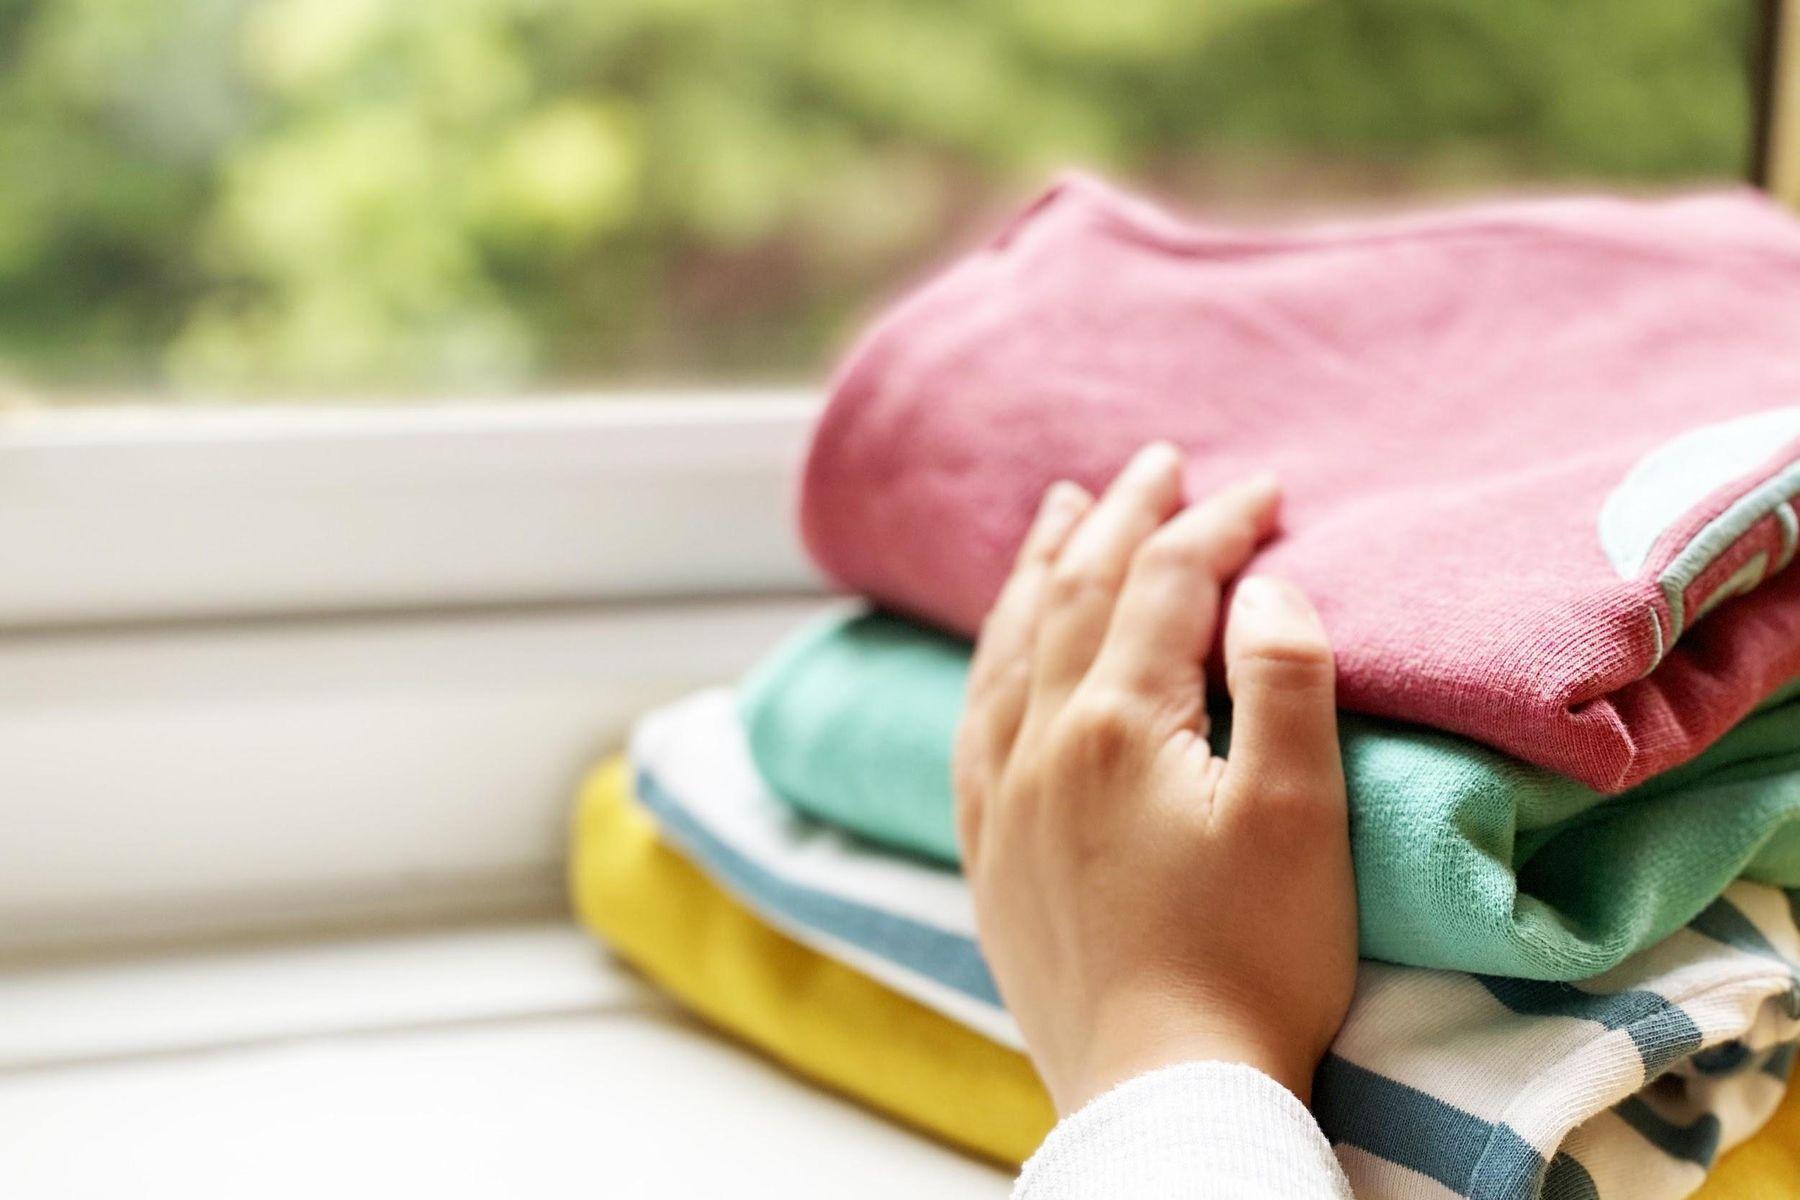 Mão feminina segurando pilha de roupas coloridas dobradas na janela